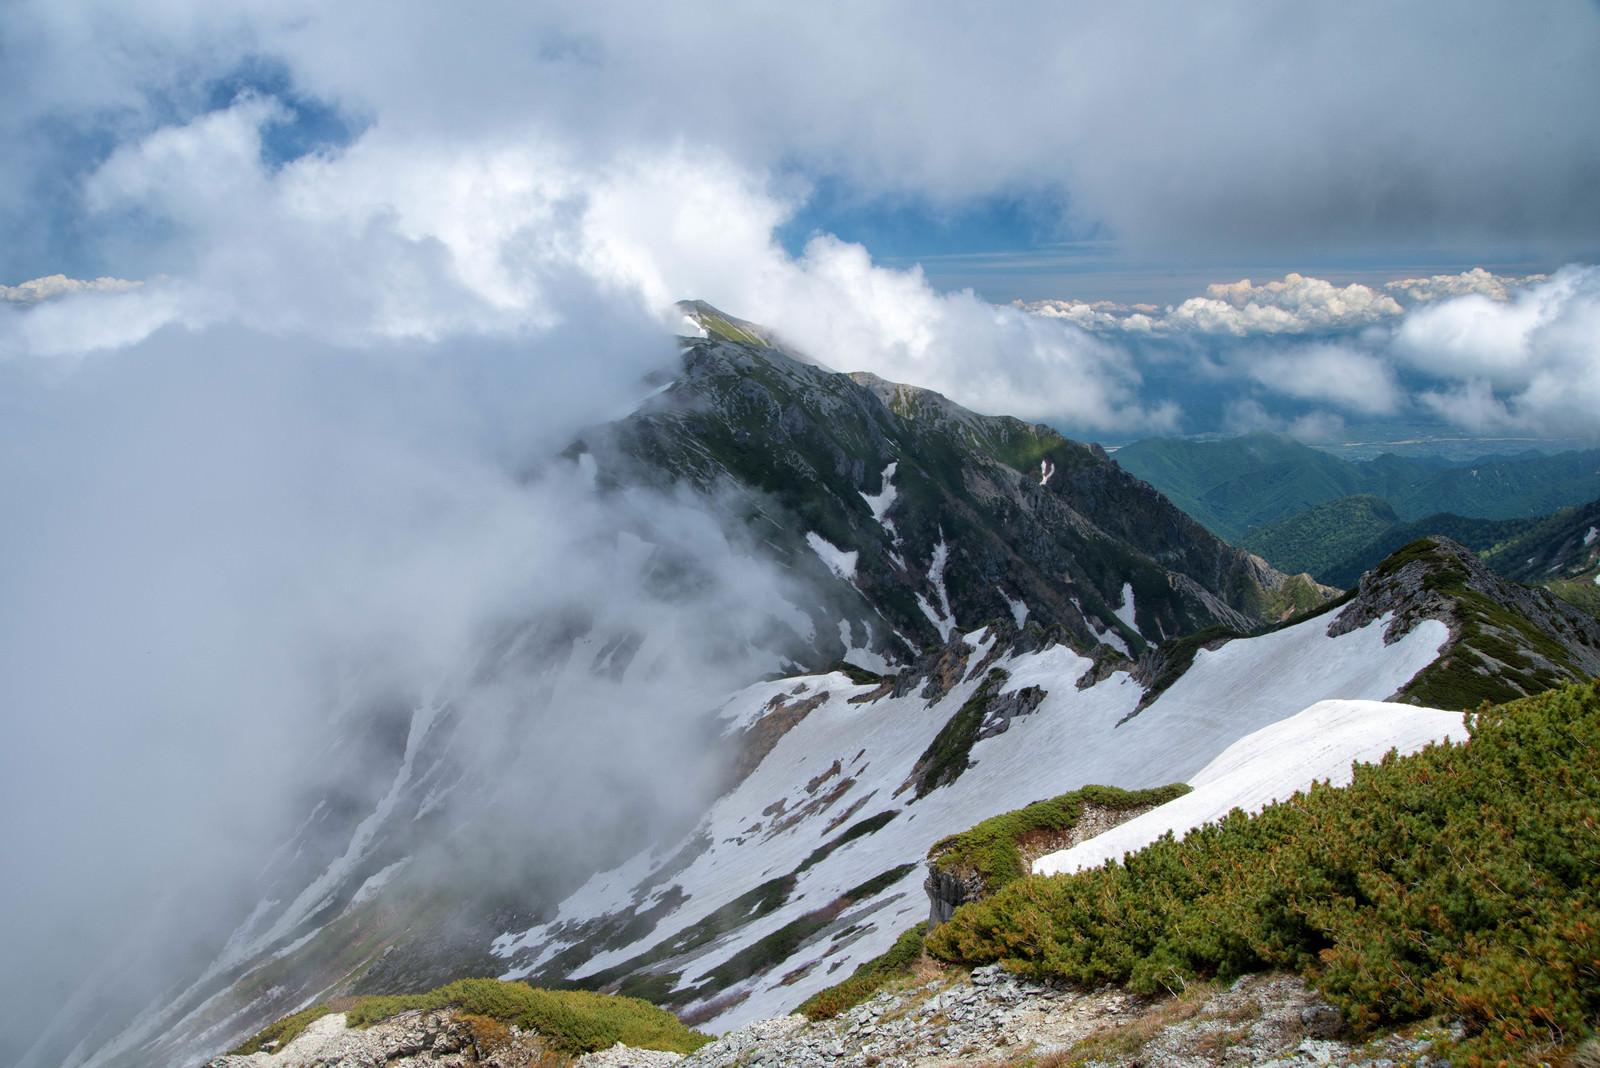 「雲かかる新緑の蓮華岳(北アルプス)」の写真